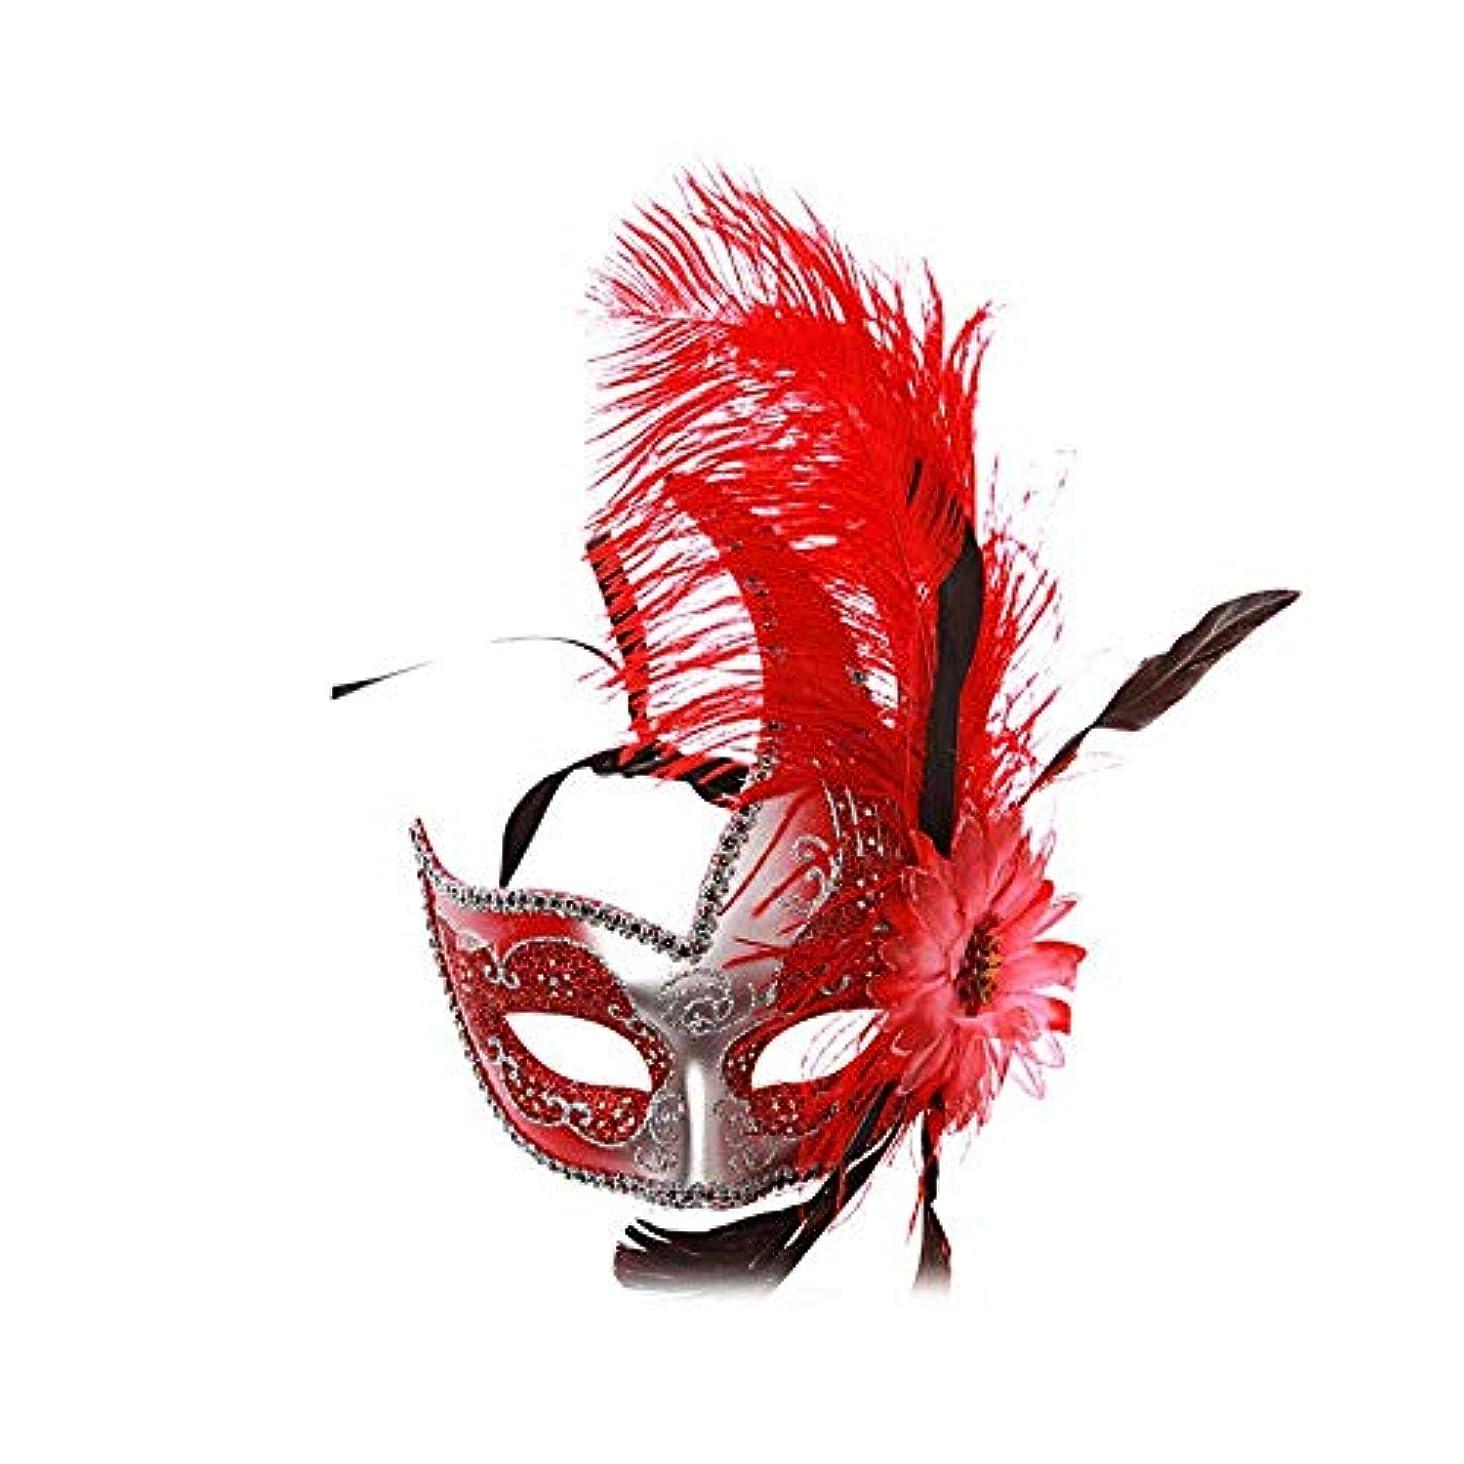 見物人サンプル瞬時にNanle ハロウィンマスクハーフフェザーマスクベニスプリンセスマスク美容レース仮面ライダーコスプレ (色 : Style B red)